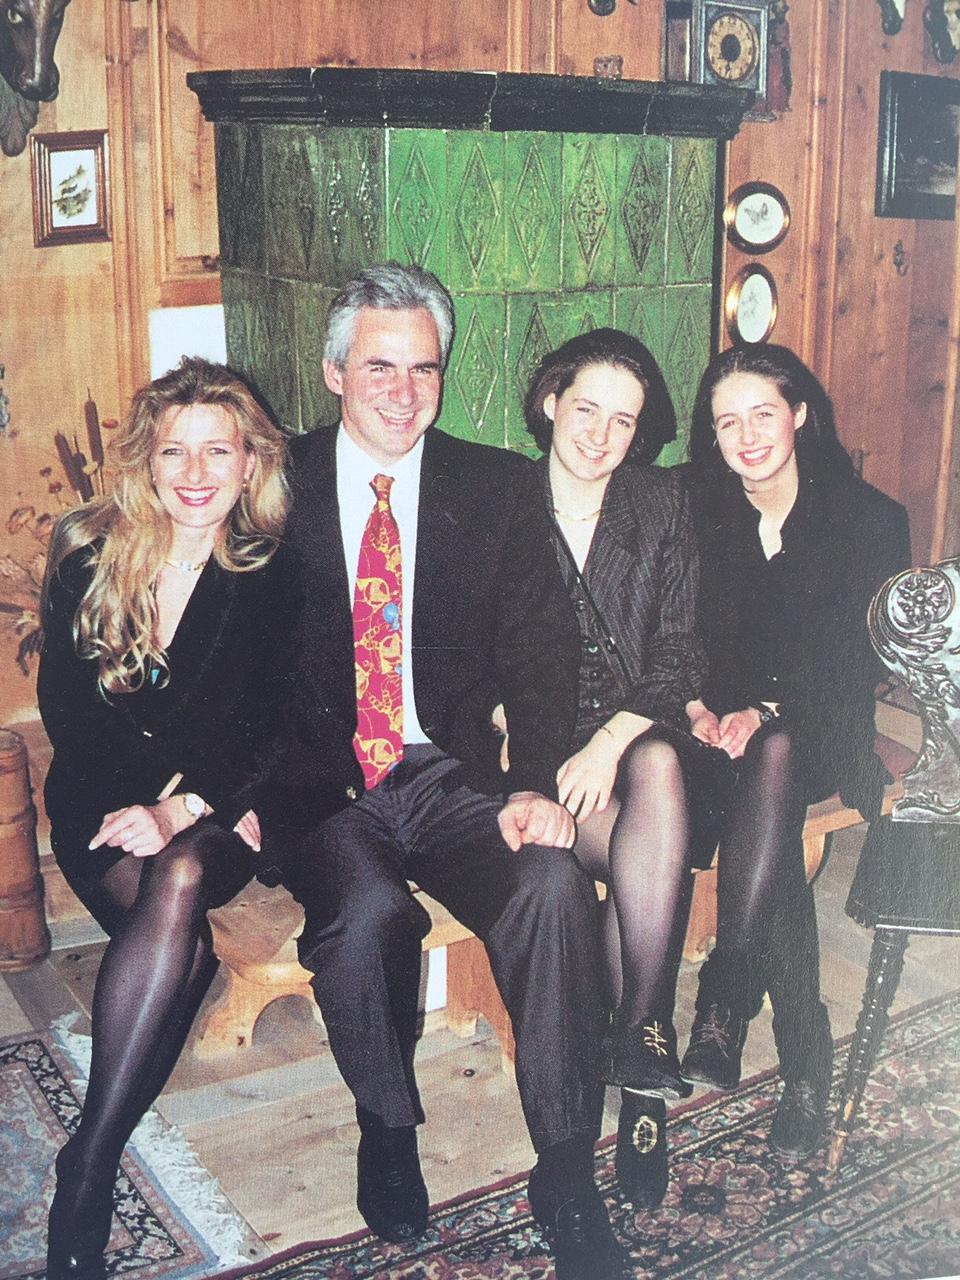 Familie Waldner aus dem Hotel Oberwirt